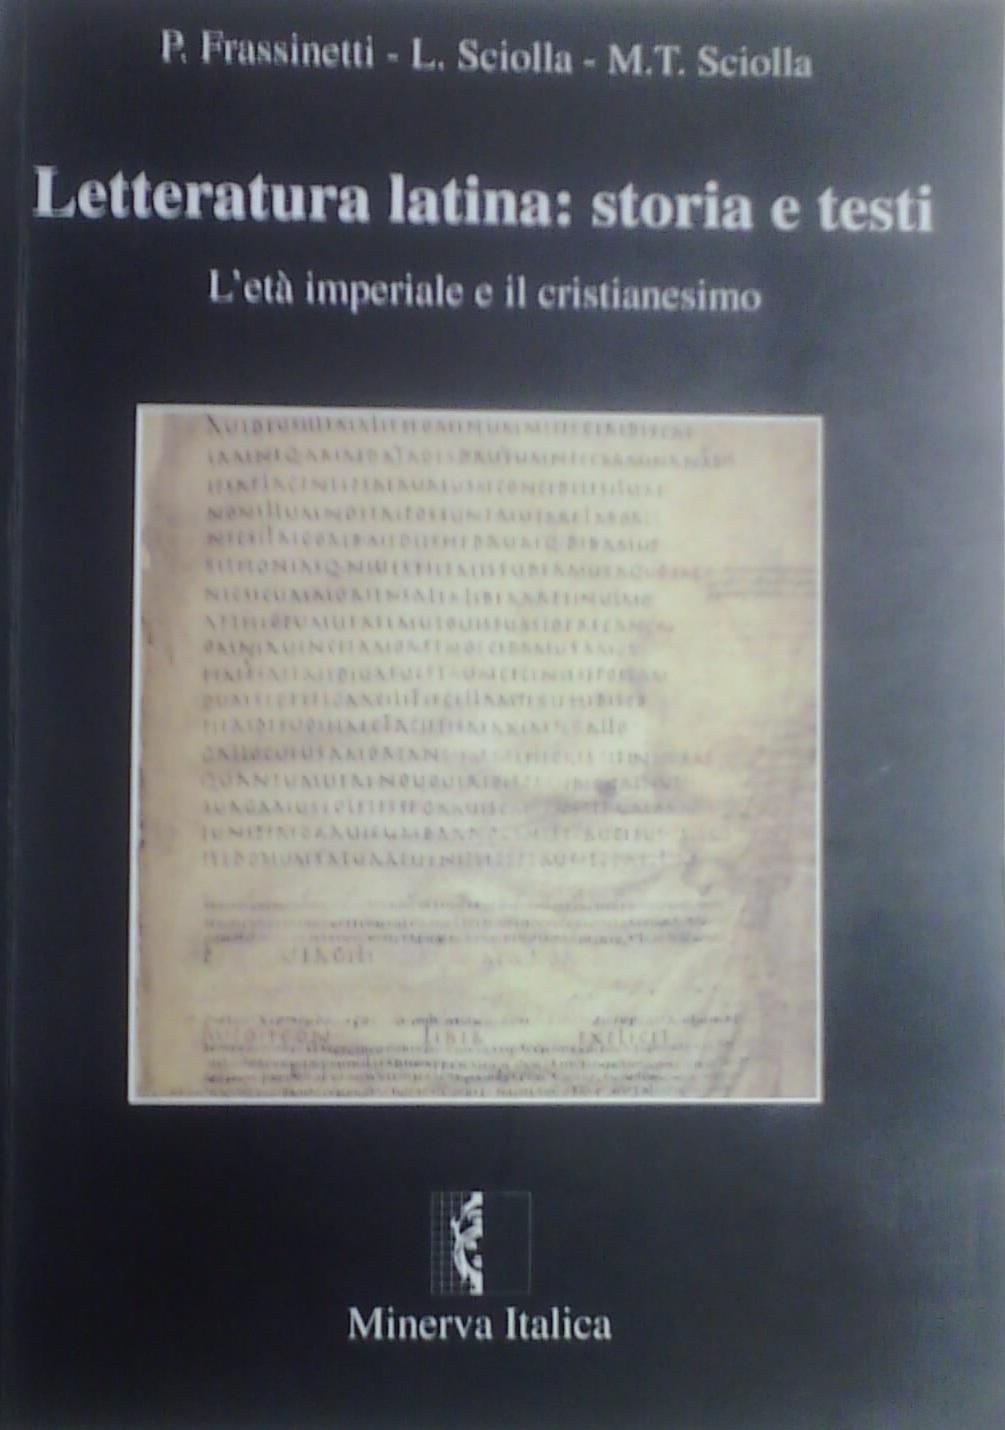 Letteratura latina: storia e testi